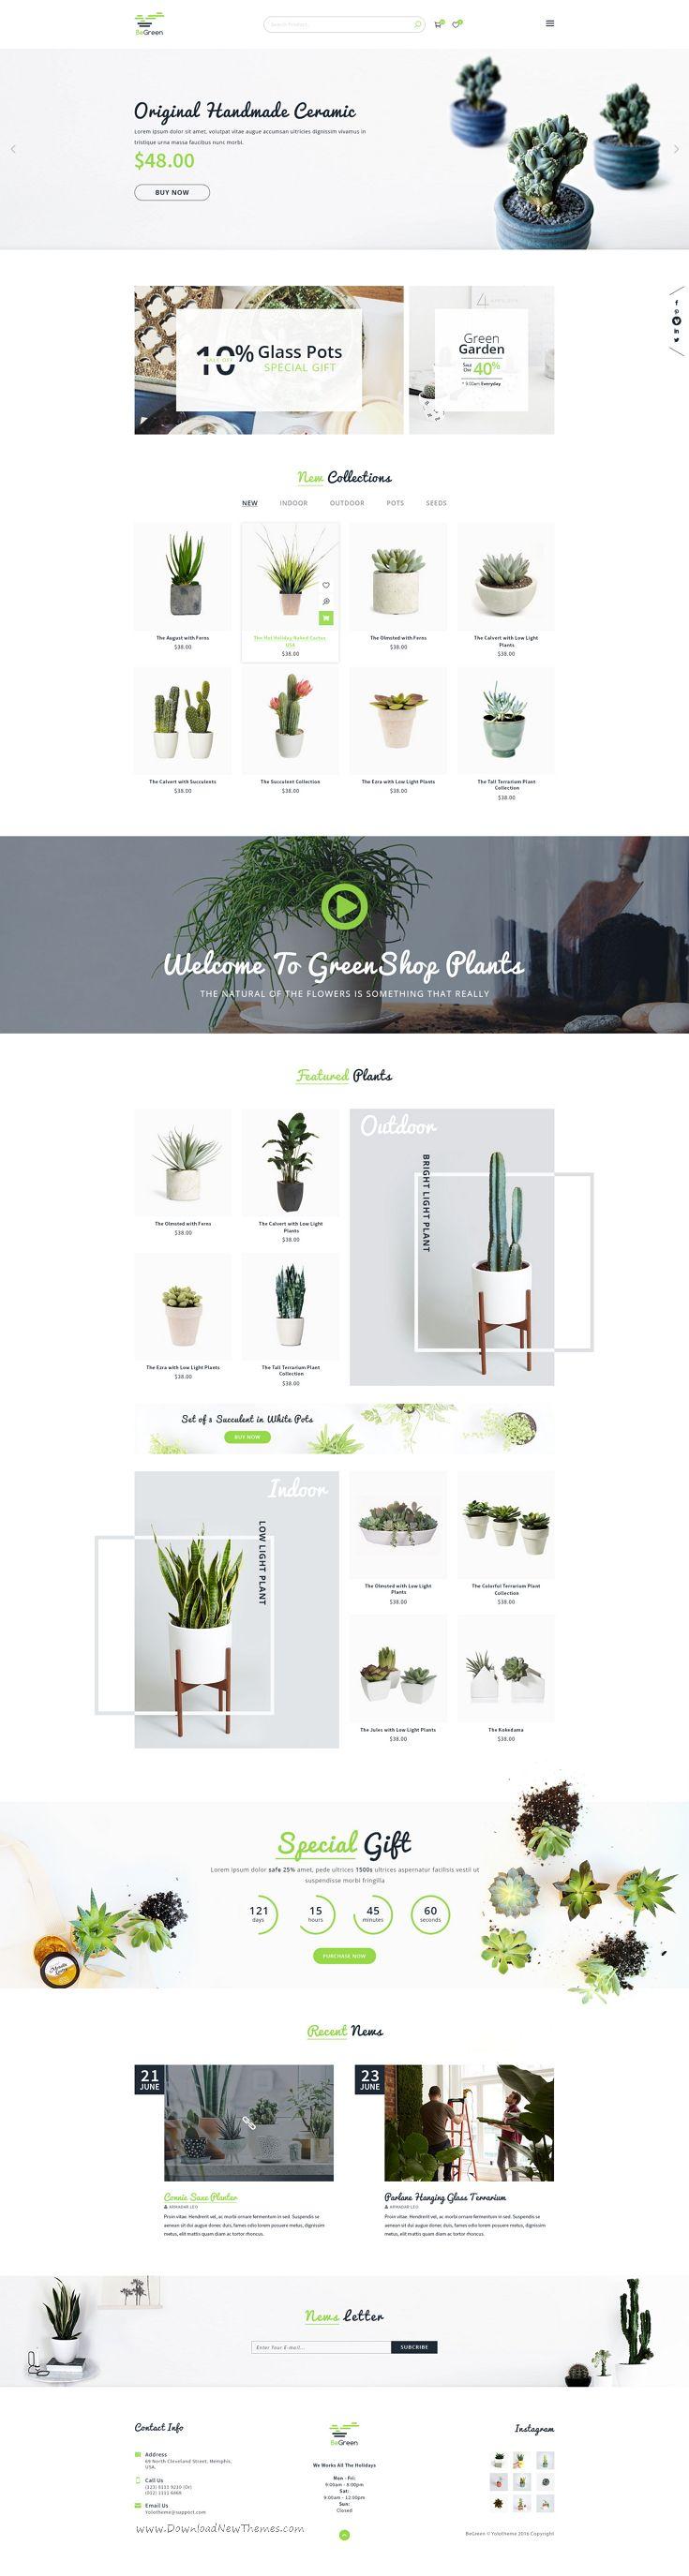 256 best Design images on Pinterest | Design websites, Website ...